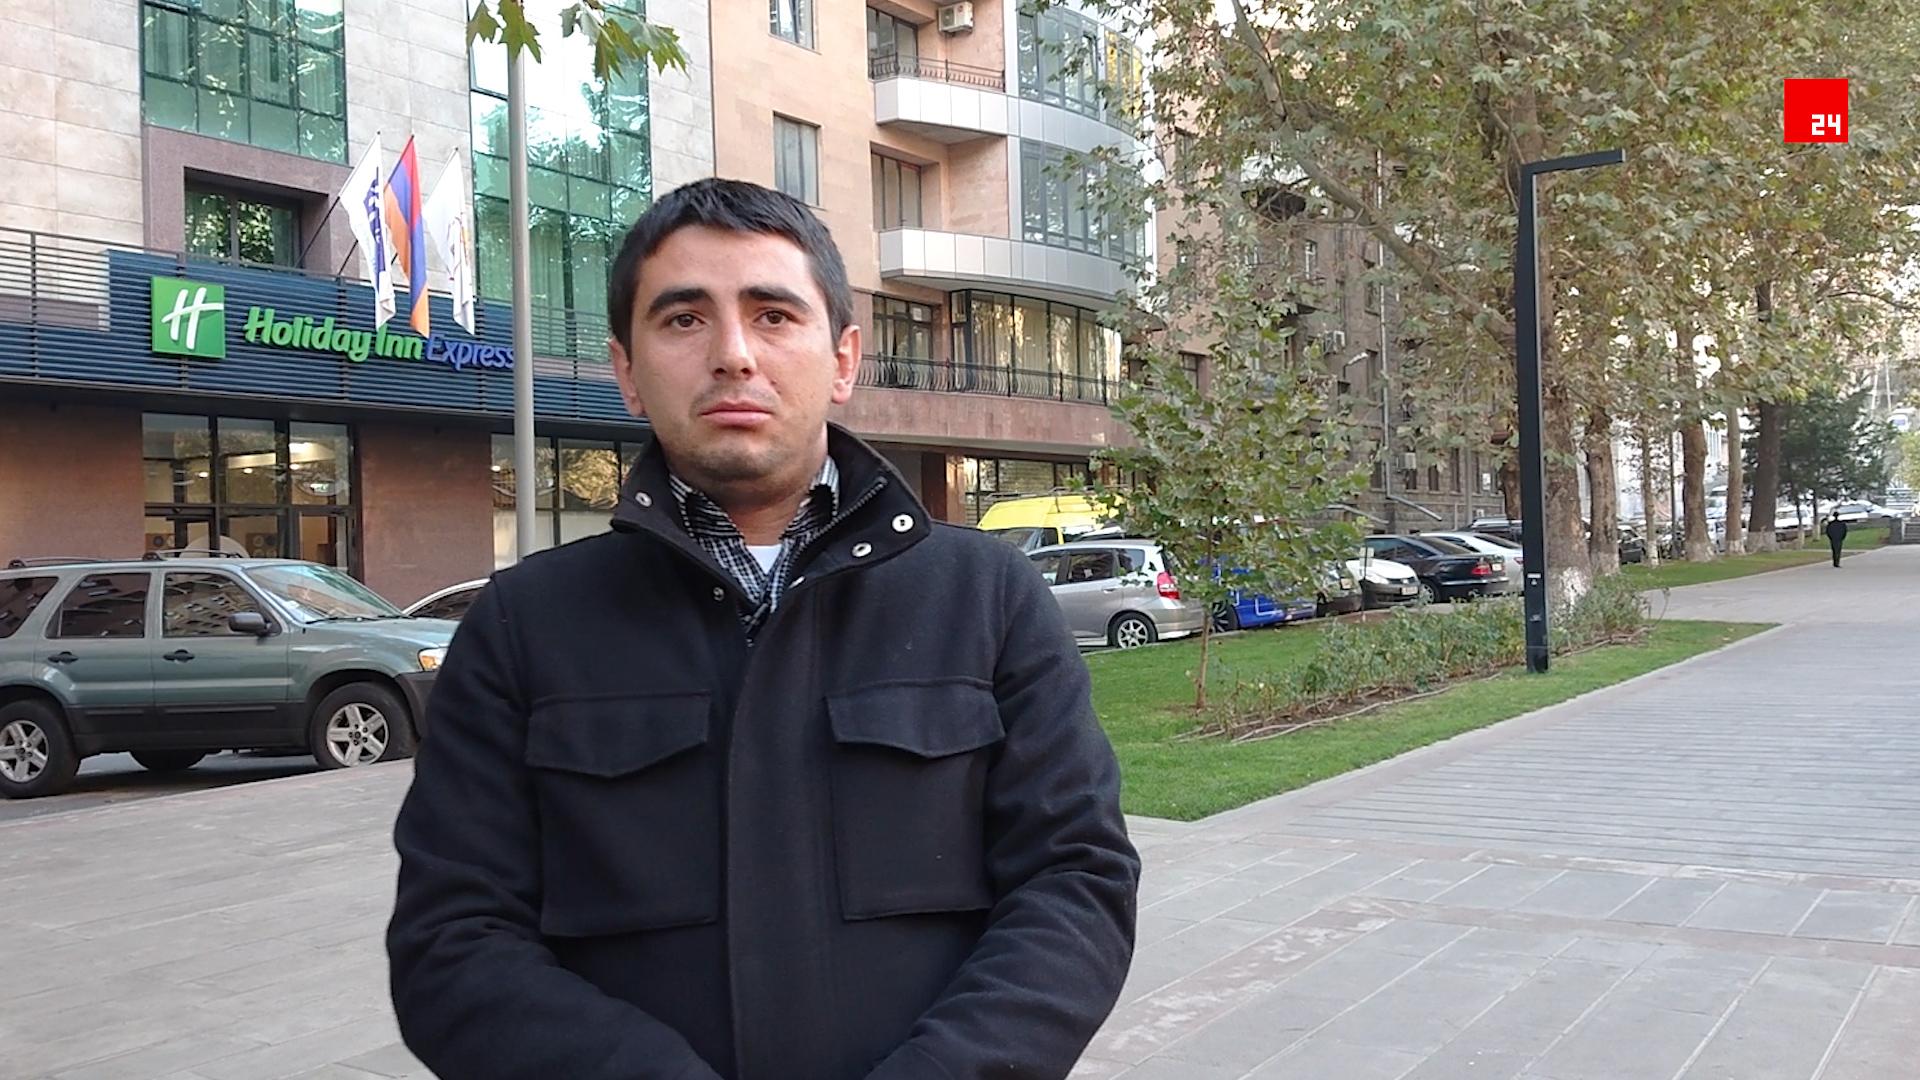 Պանդուխտ Մարտիրոսյան. 2020-ը տնտեսական դրական սպասումների տարի է լինելու. տեսանյութ